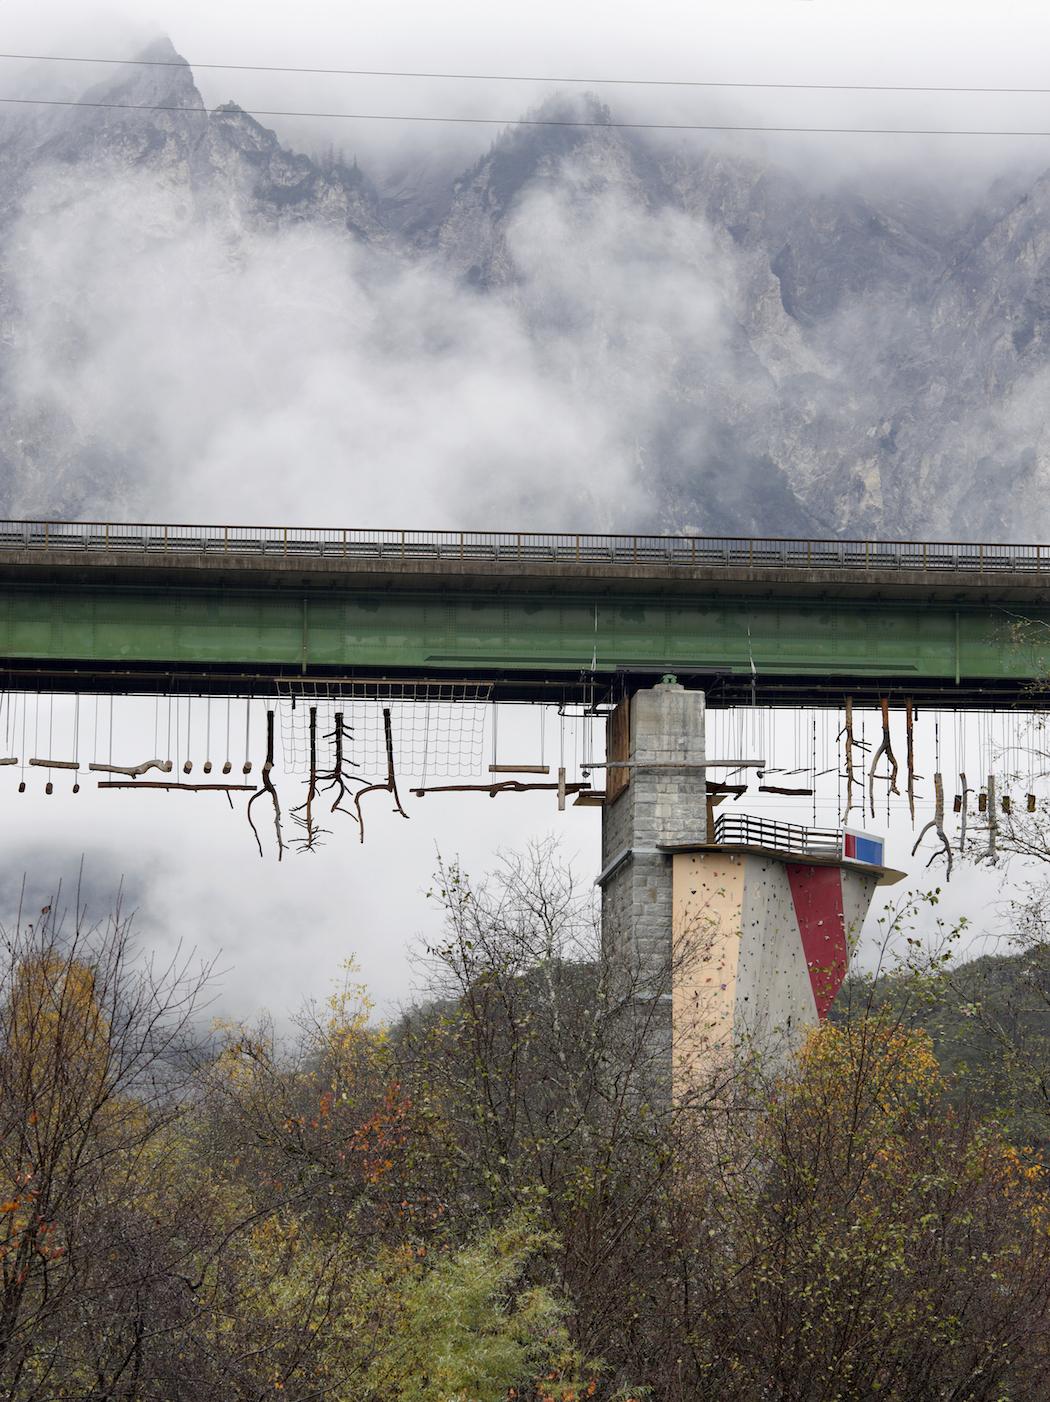 GiselaErlacher_80_Ötztal-Bahnhof_Tirol_AT_2013_A4.jGiselaErlacherg